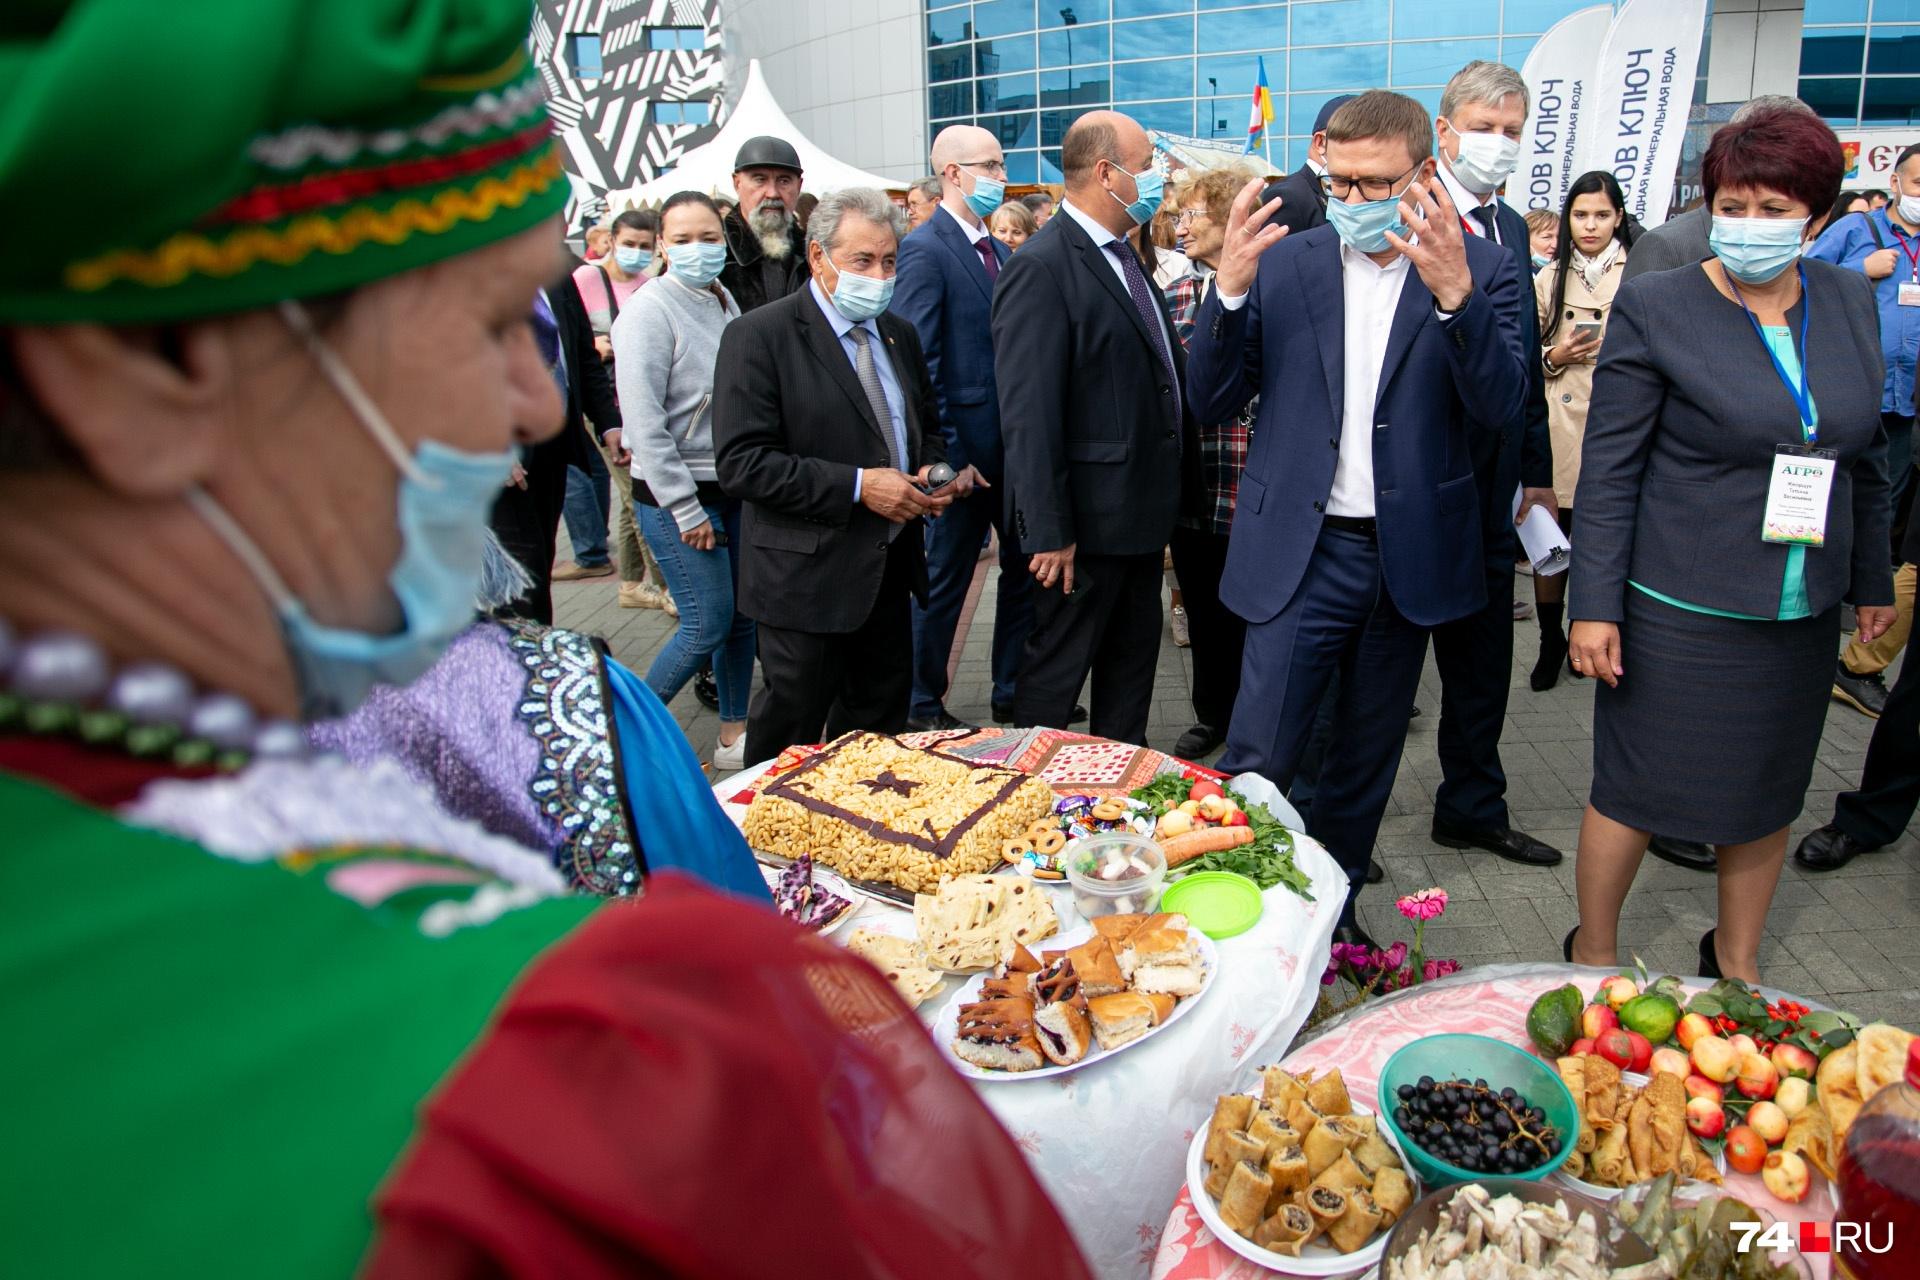 Так и кажется, что Алексей Текслер сейчас вопьется руками в такой аппетитный чак-чак. Но нет